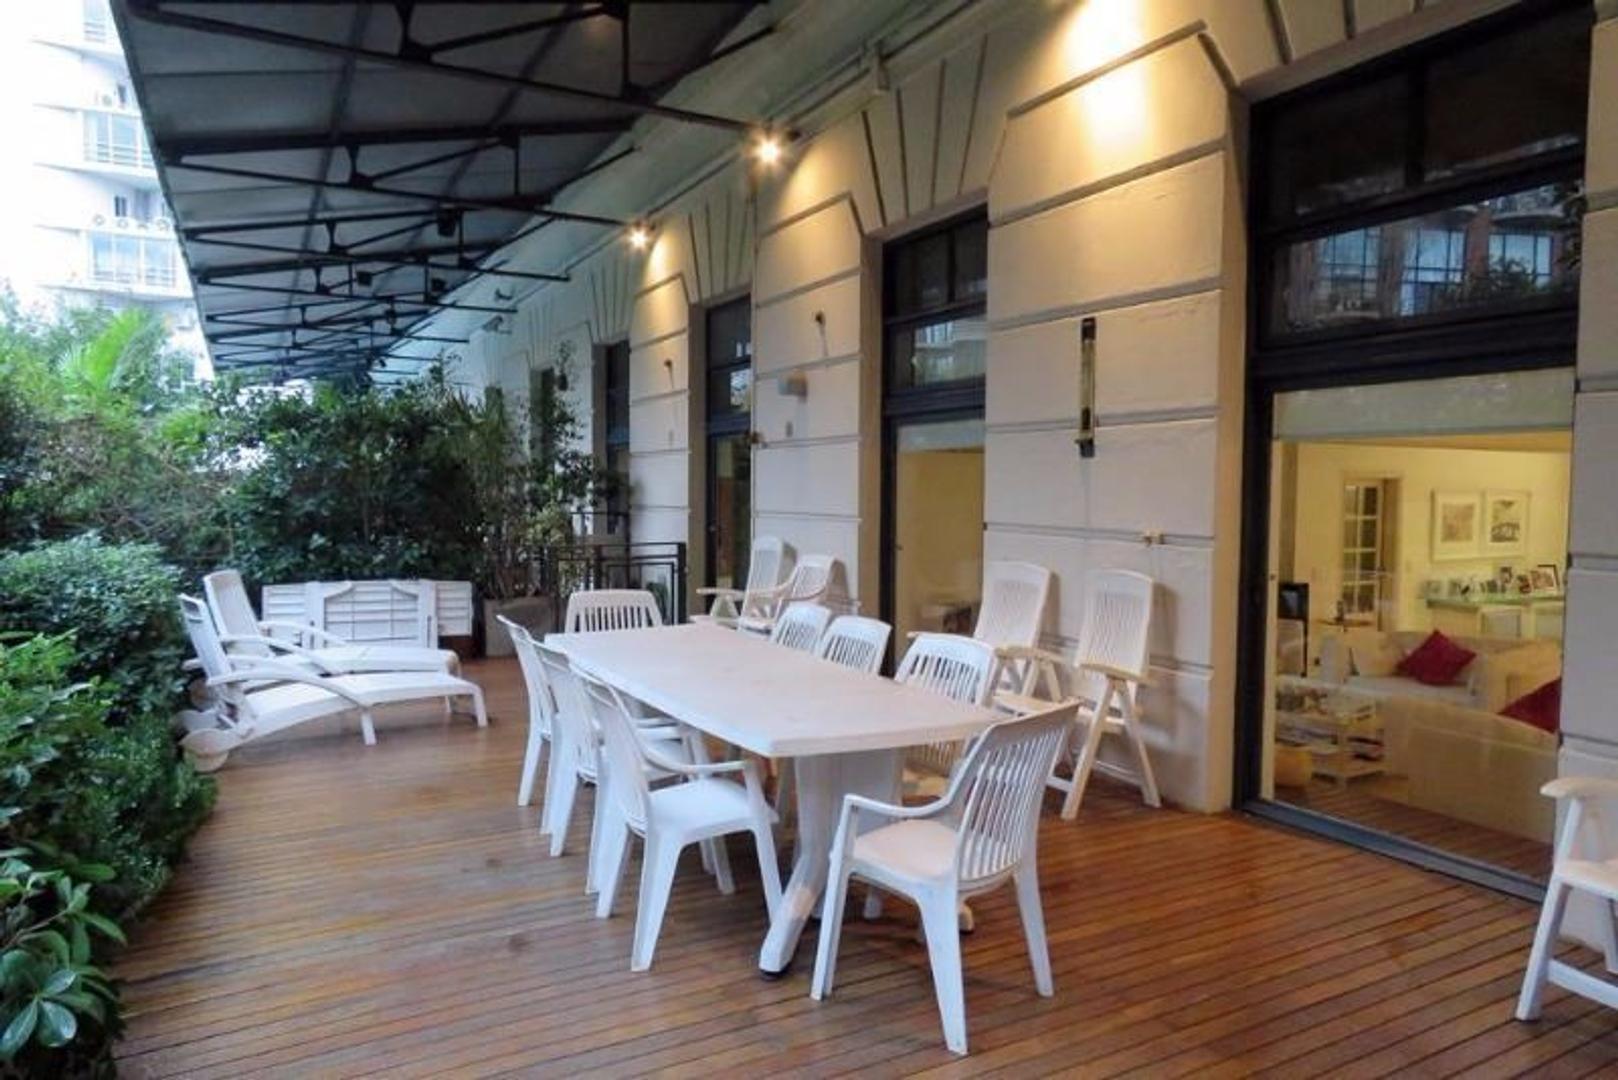 Venta de Departamento 4 AMBIENTES en Palermo.- Edificio unico Silos de Dorrego.-